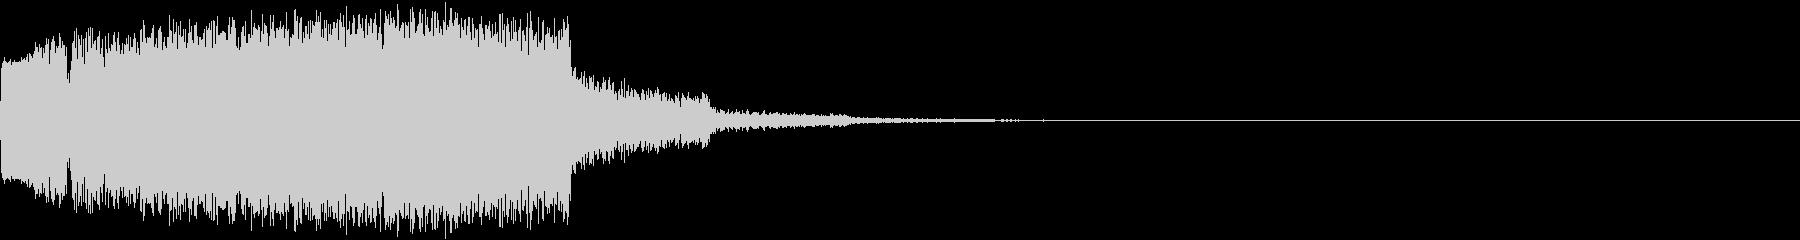 ギュイーン 重め ギューン 光る 015の未再生の波形